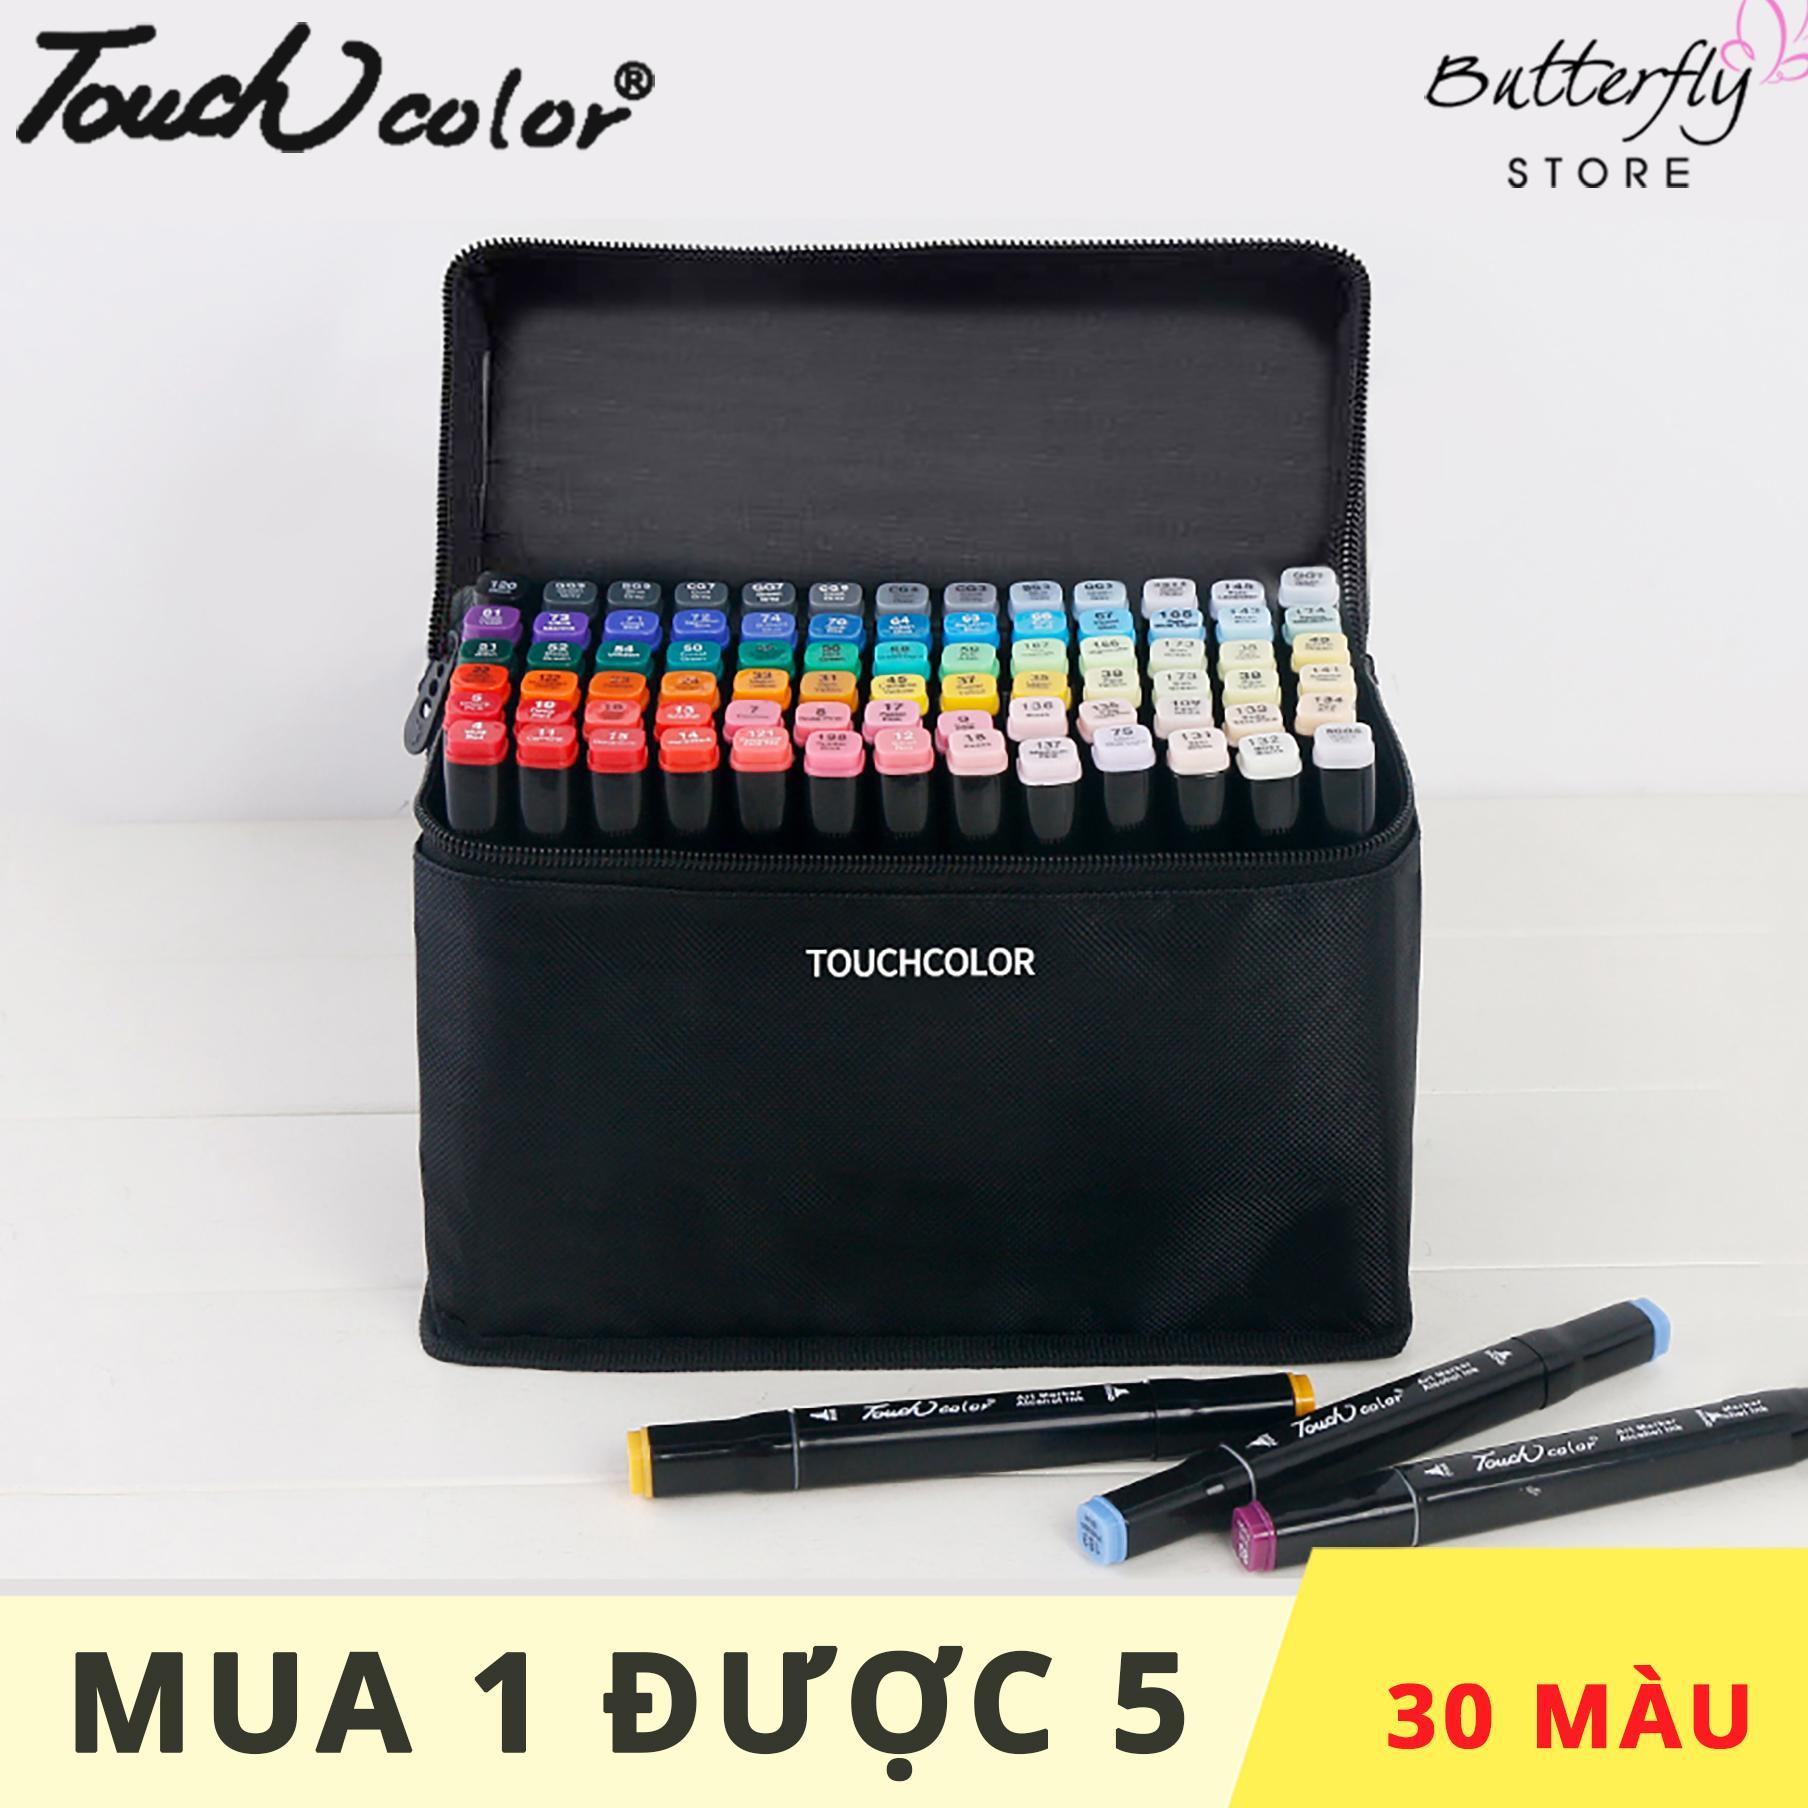 Mua TOUCH COLOR - Maker, bộ bút, viết vẽ mỹ thuật 30/40/60/80 Màu